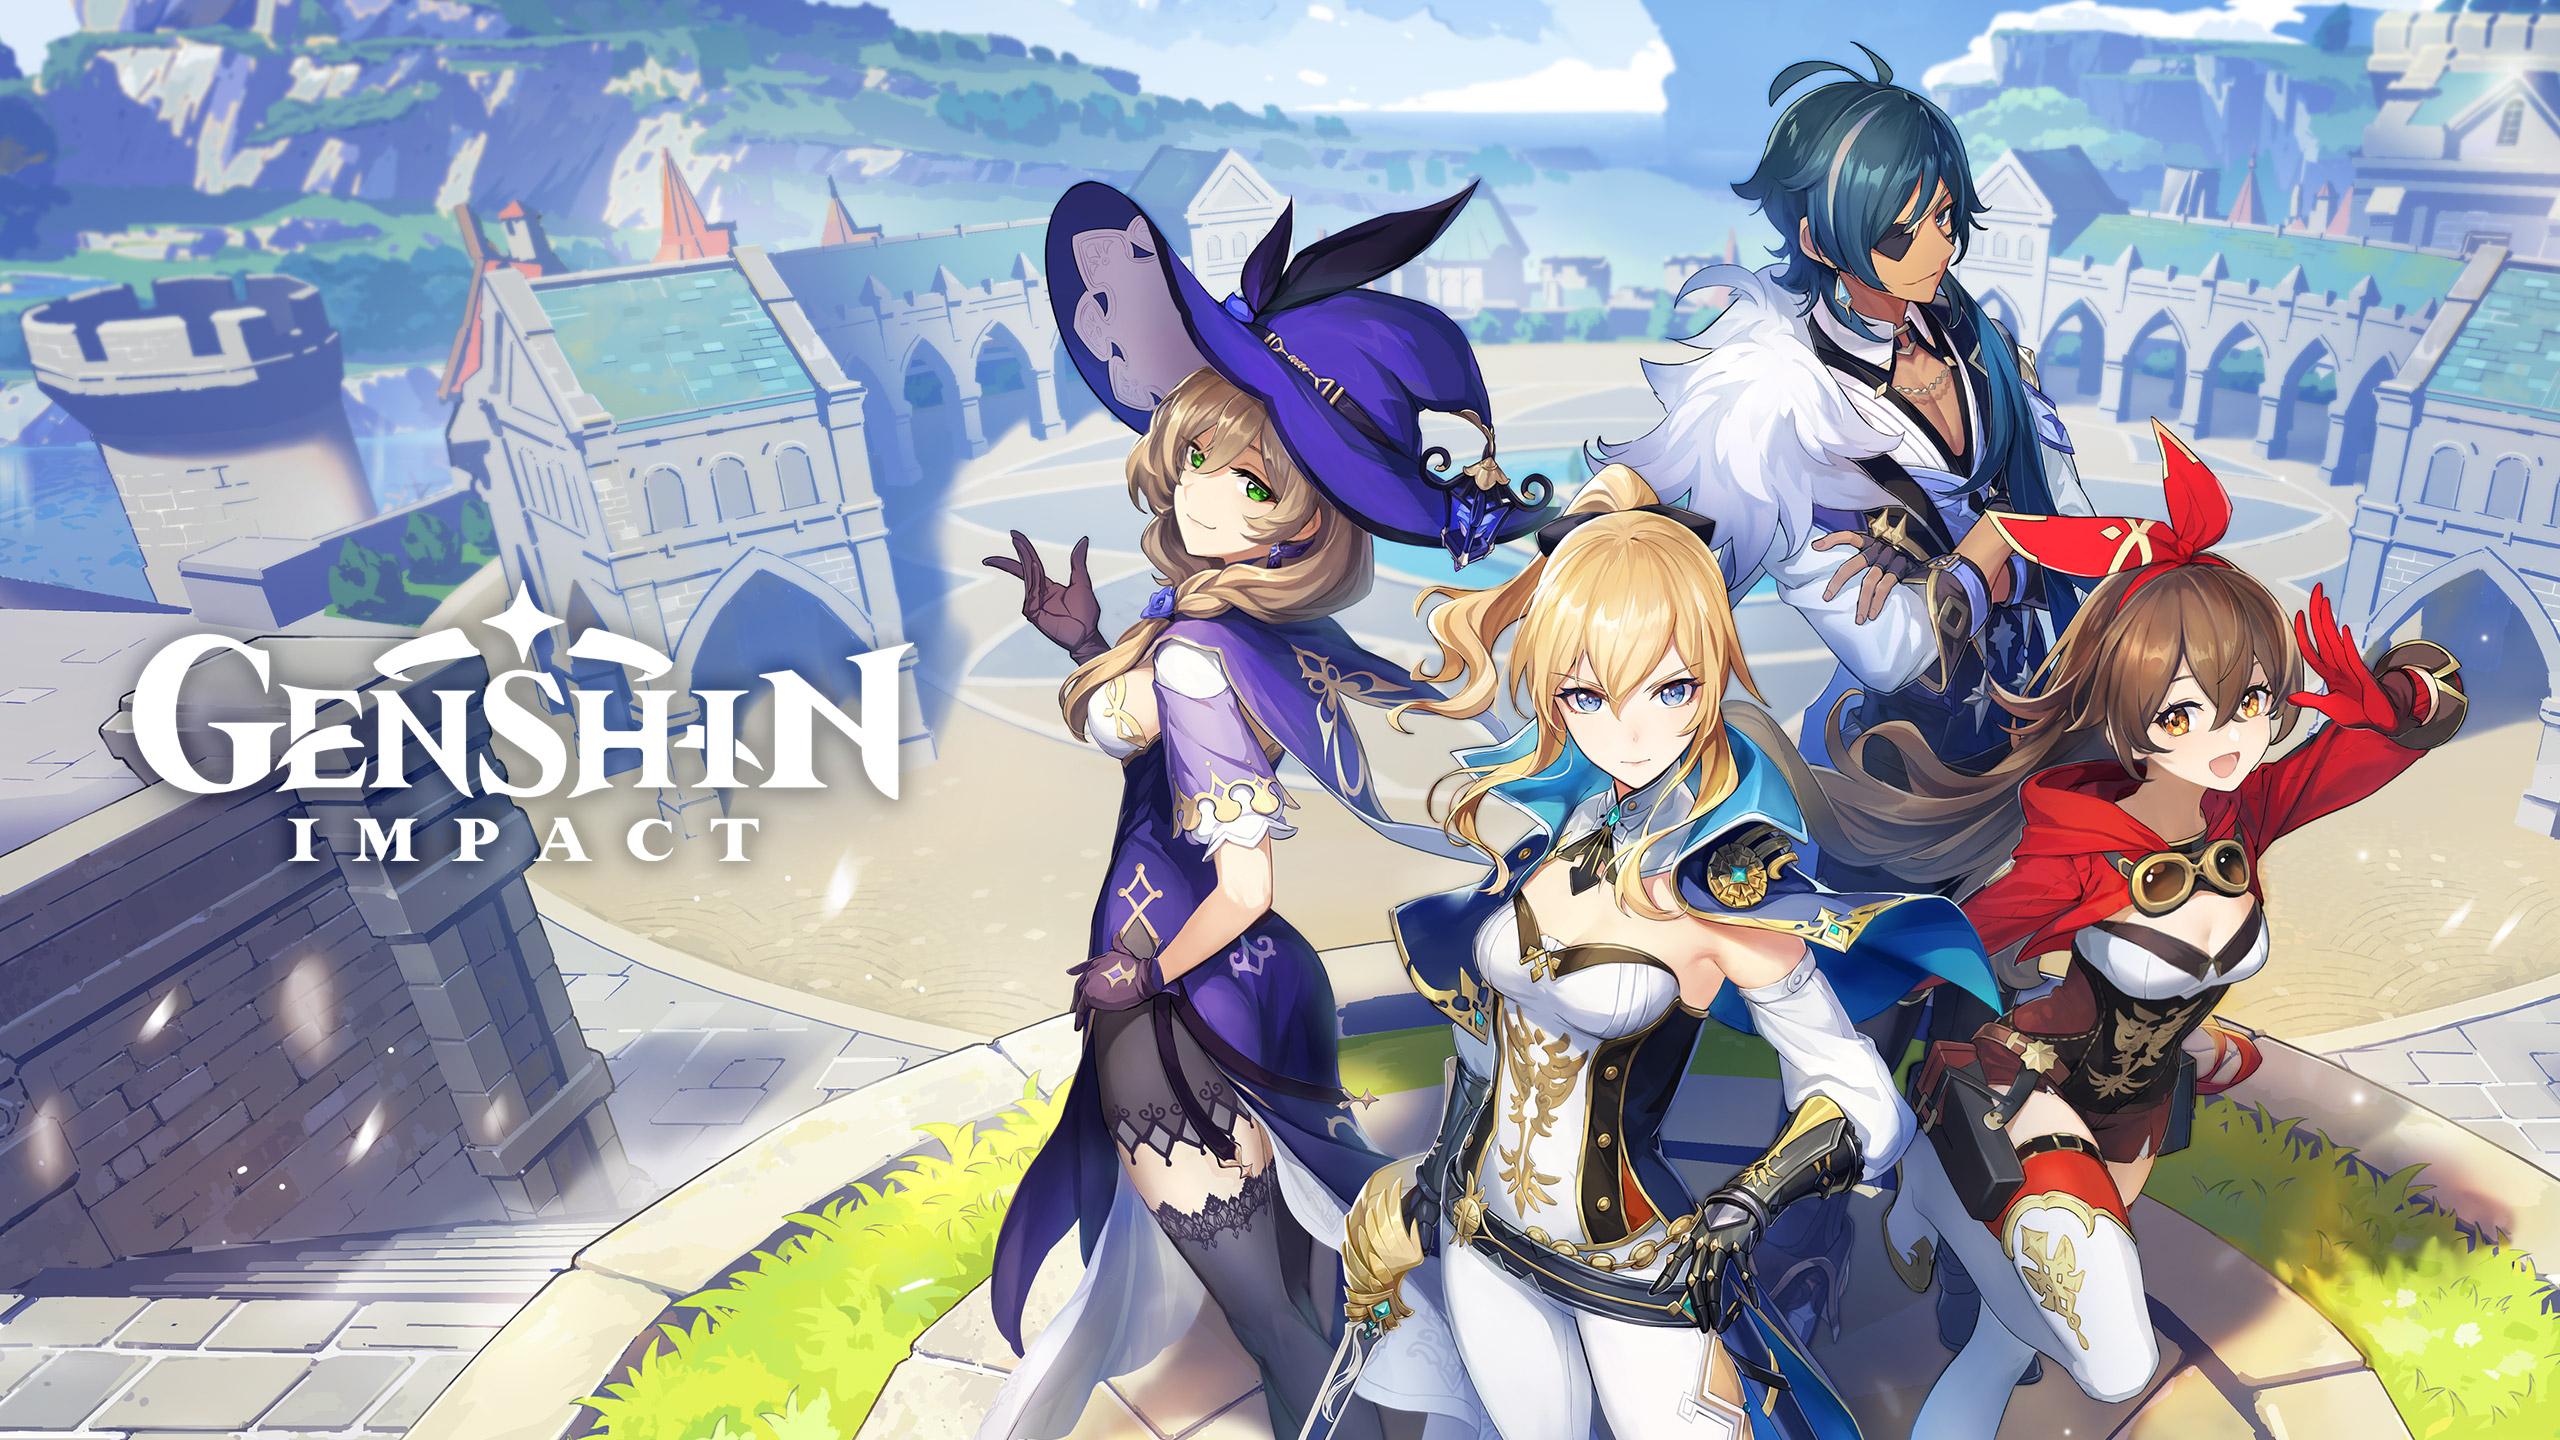 Pack de recompensas gratis para Genshin Impact con motivo de su llegada a la Epic Games Store